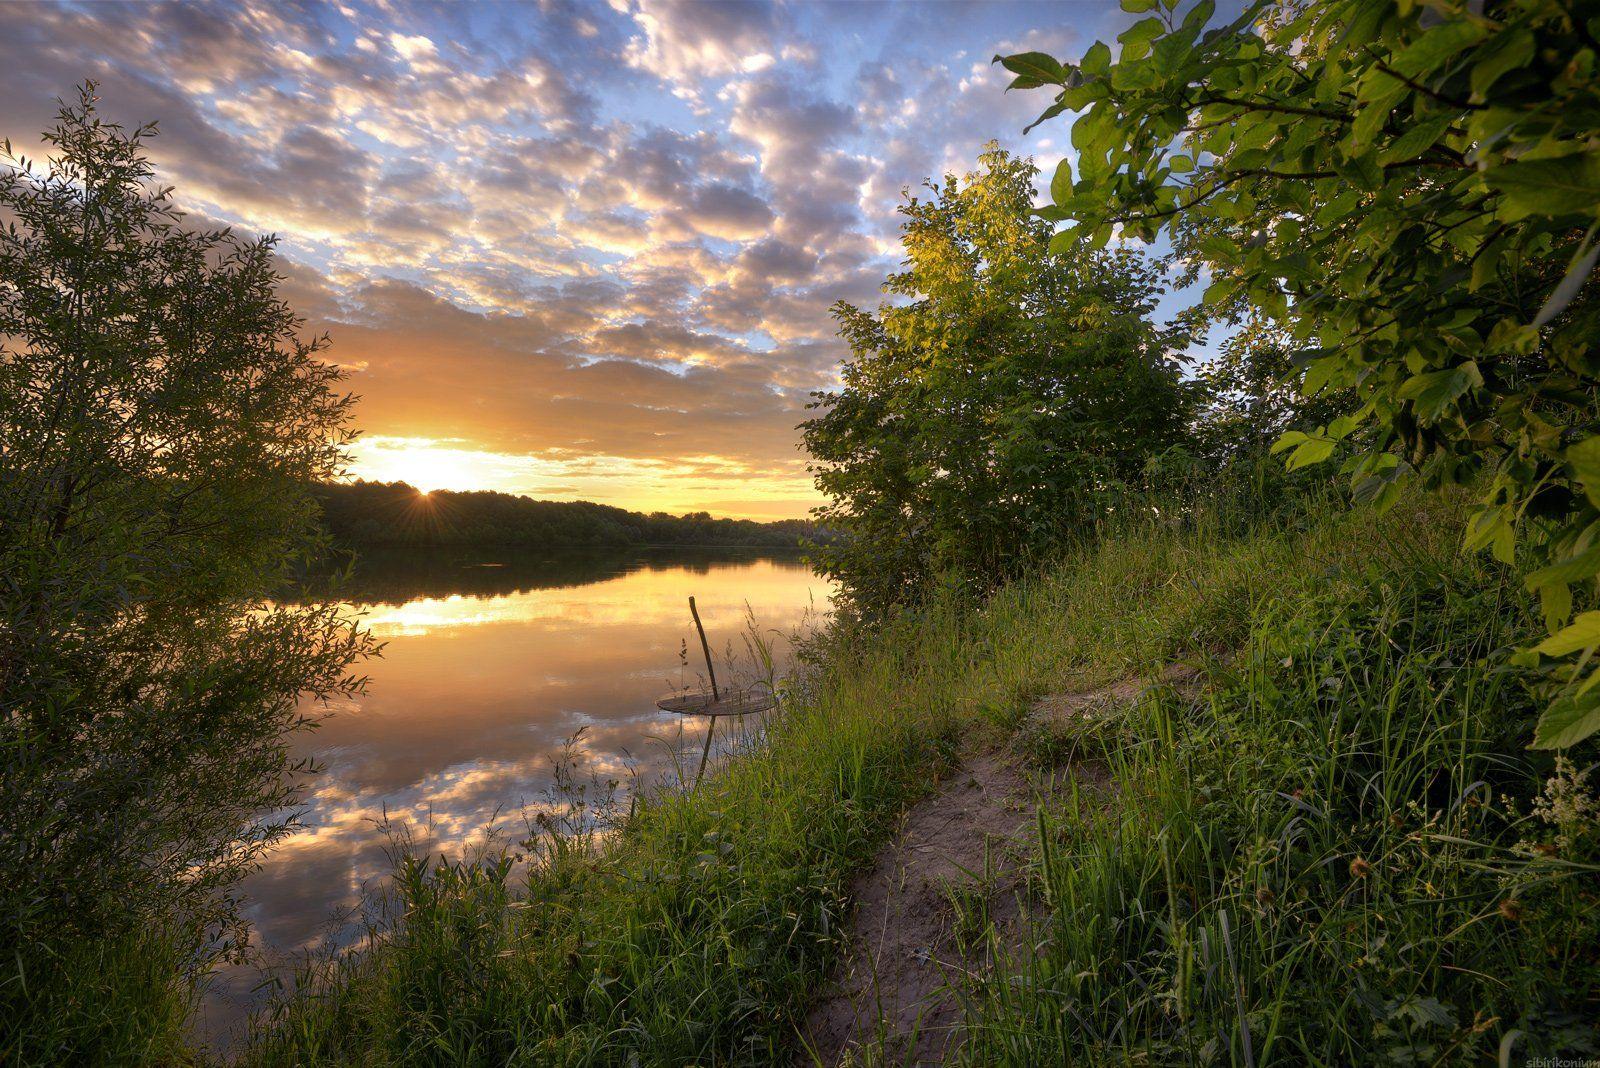 #пейзаж #весна #подмосковье #чехов #красиво #природа #закат #вечер , Морозов Юрий